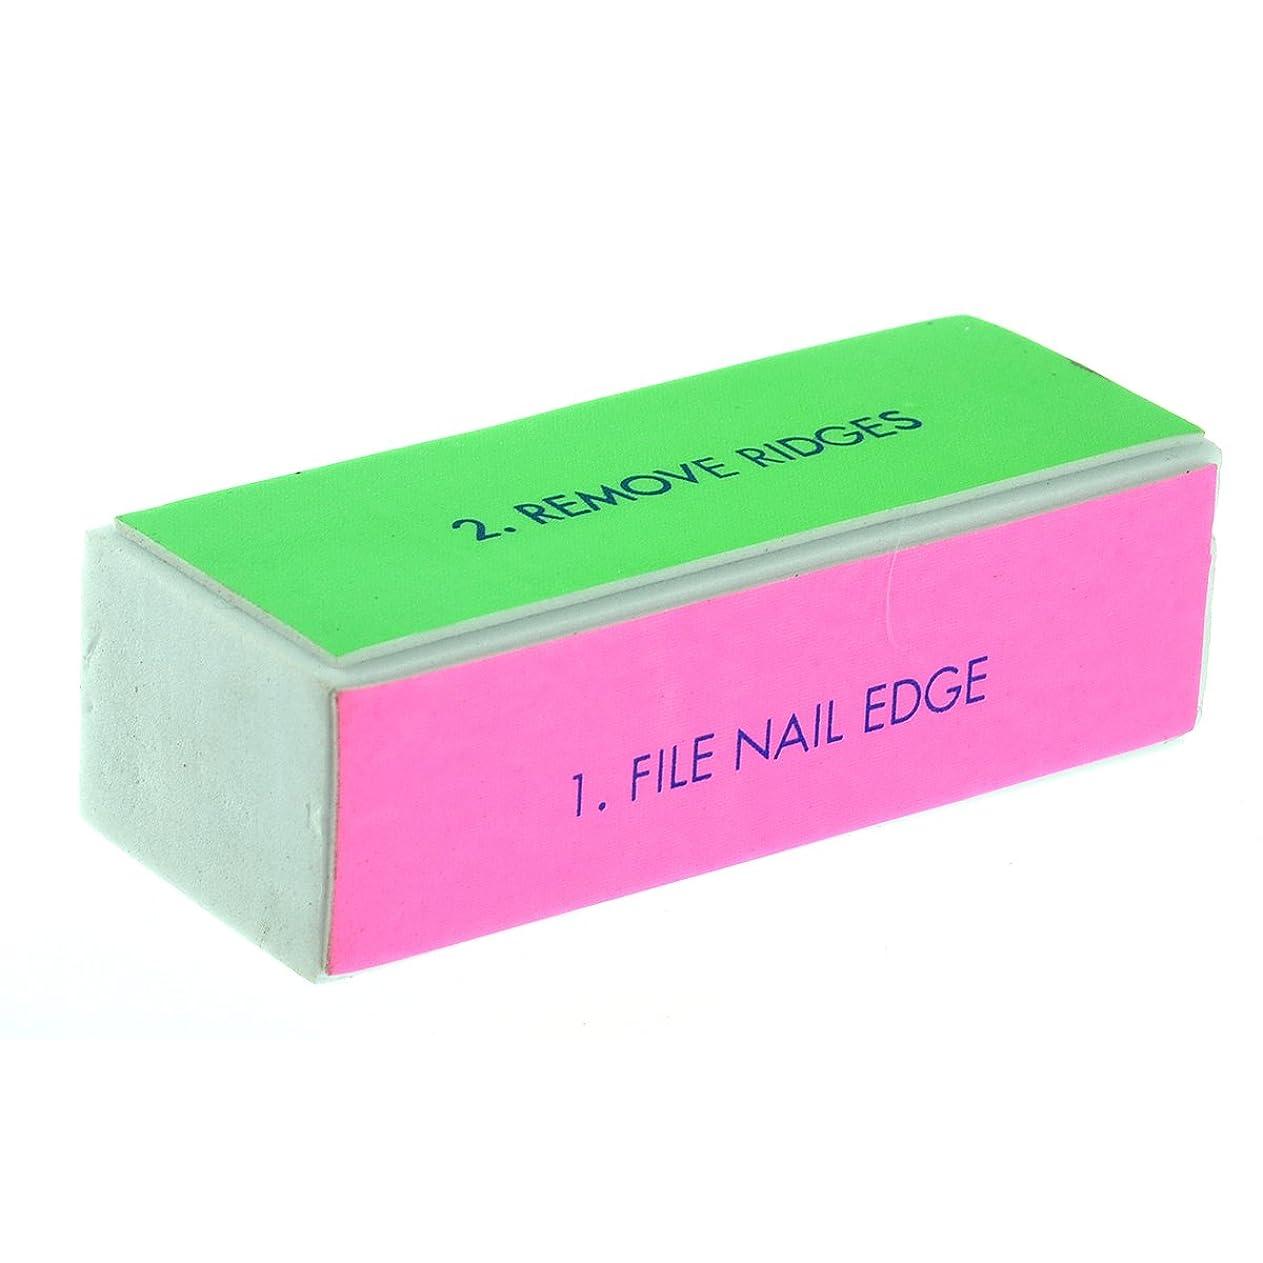 指草掃除ROSENICE 4面ブロックバッファー ネイルシャイン スポンジファイル 10個入り